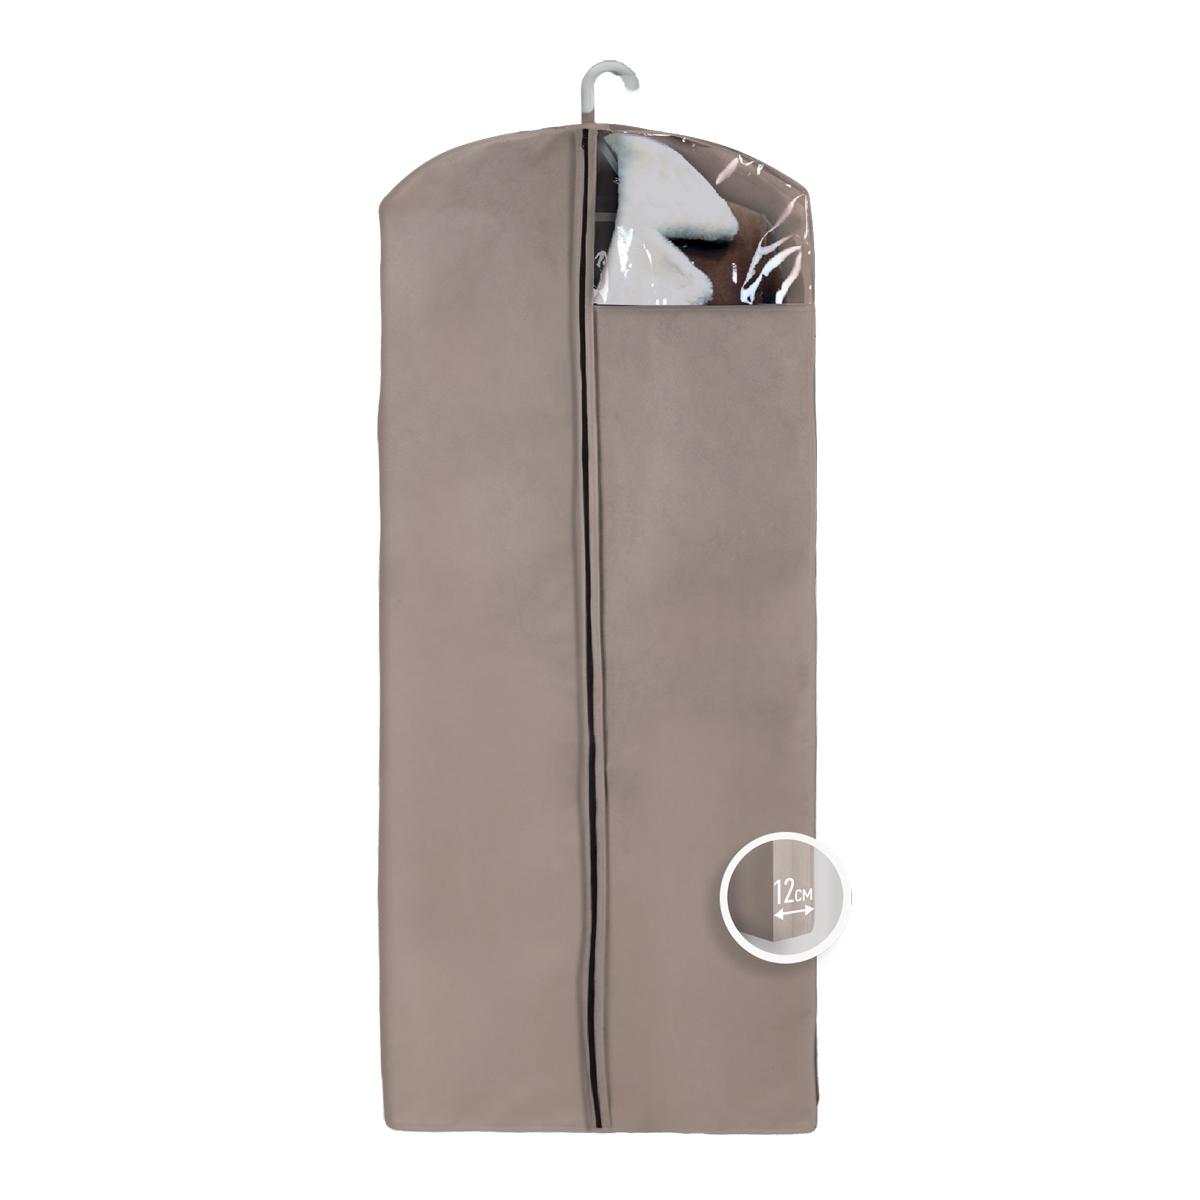 Чехол для верхней одежды Miolla, с окошком, цвет: бежевый, 140 х 60 х 12 смCHL-4-2Чехол для верхней одежды Miolla на застежке-молнии выполнен из высококачественного нетканого материала. Прозрачное полиэтиленовое окошко позволяет видеть содержимое чехла. Подходит для длительного хранения вещей. Чехол обеспечивает вашей одежде надежную защиту от влажности, повреждений и грязи при транспортировке, от запыления при хранении и проникновения моли. Чехол обладает водоотталкивающими свойствами, а также позволяет воздуху свободно поступать внутрь вещей, обеспечивая их кондиционирование. Это особенно важно при хранении кожаных и меховых изделий. Размер чехла: 140 х 60 х 12 см.